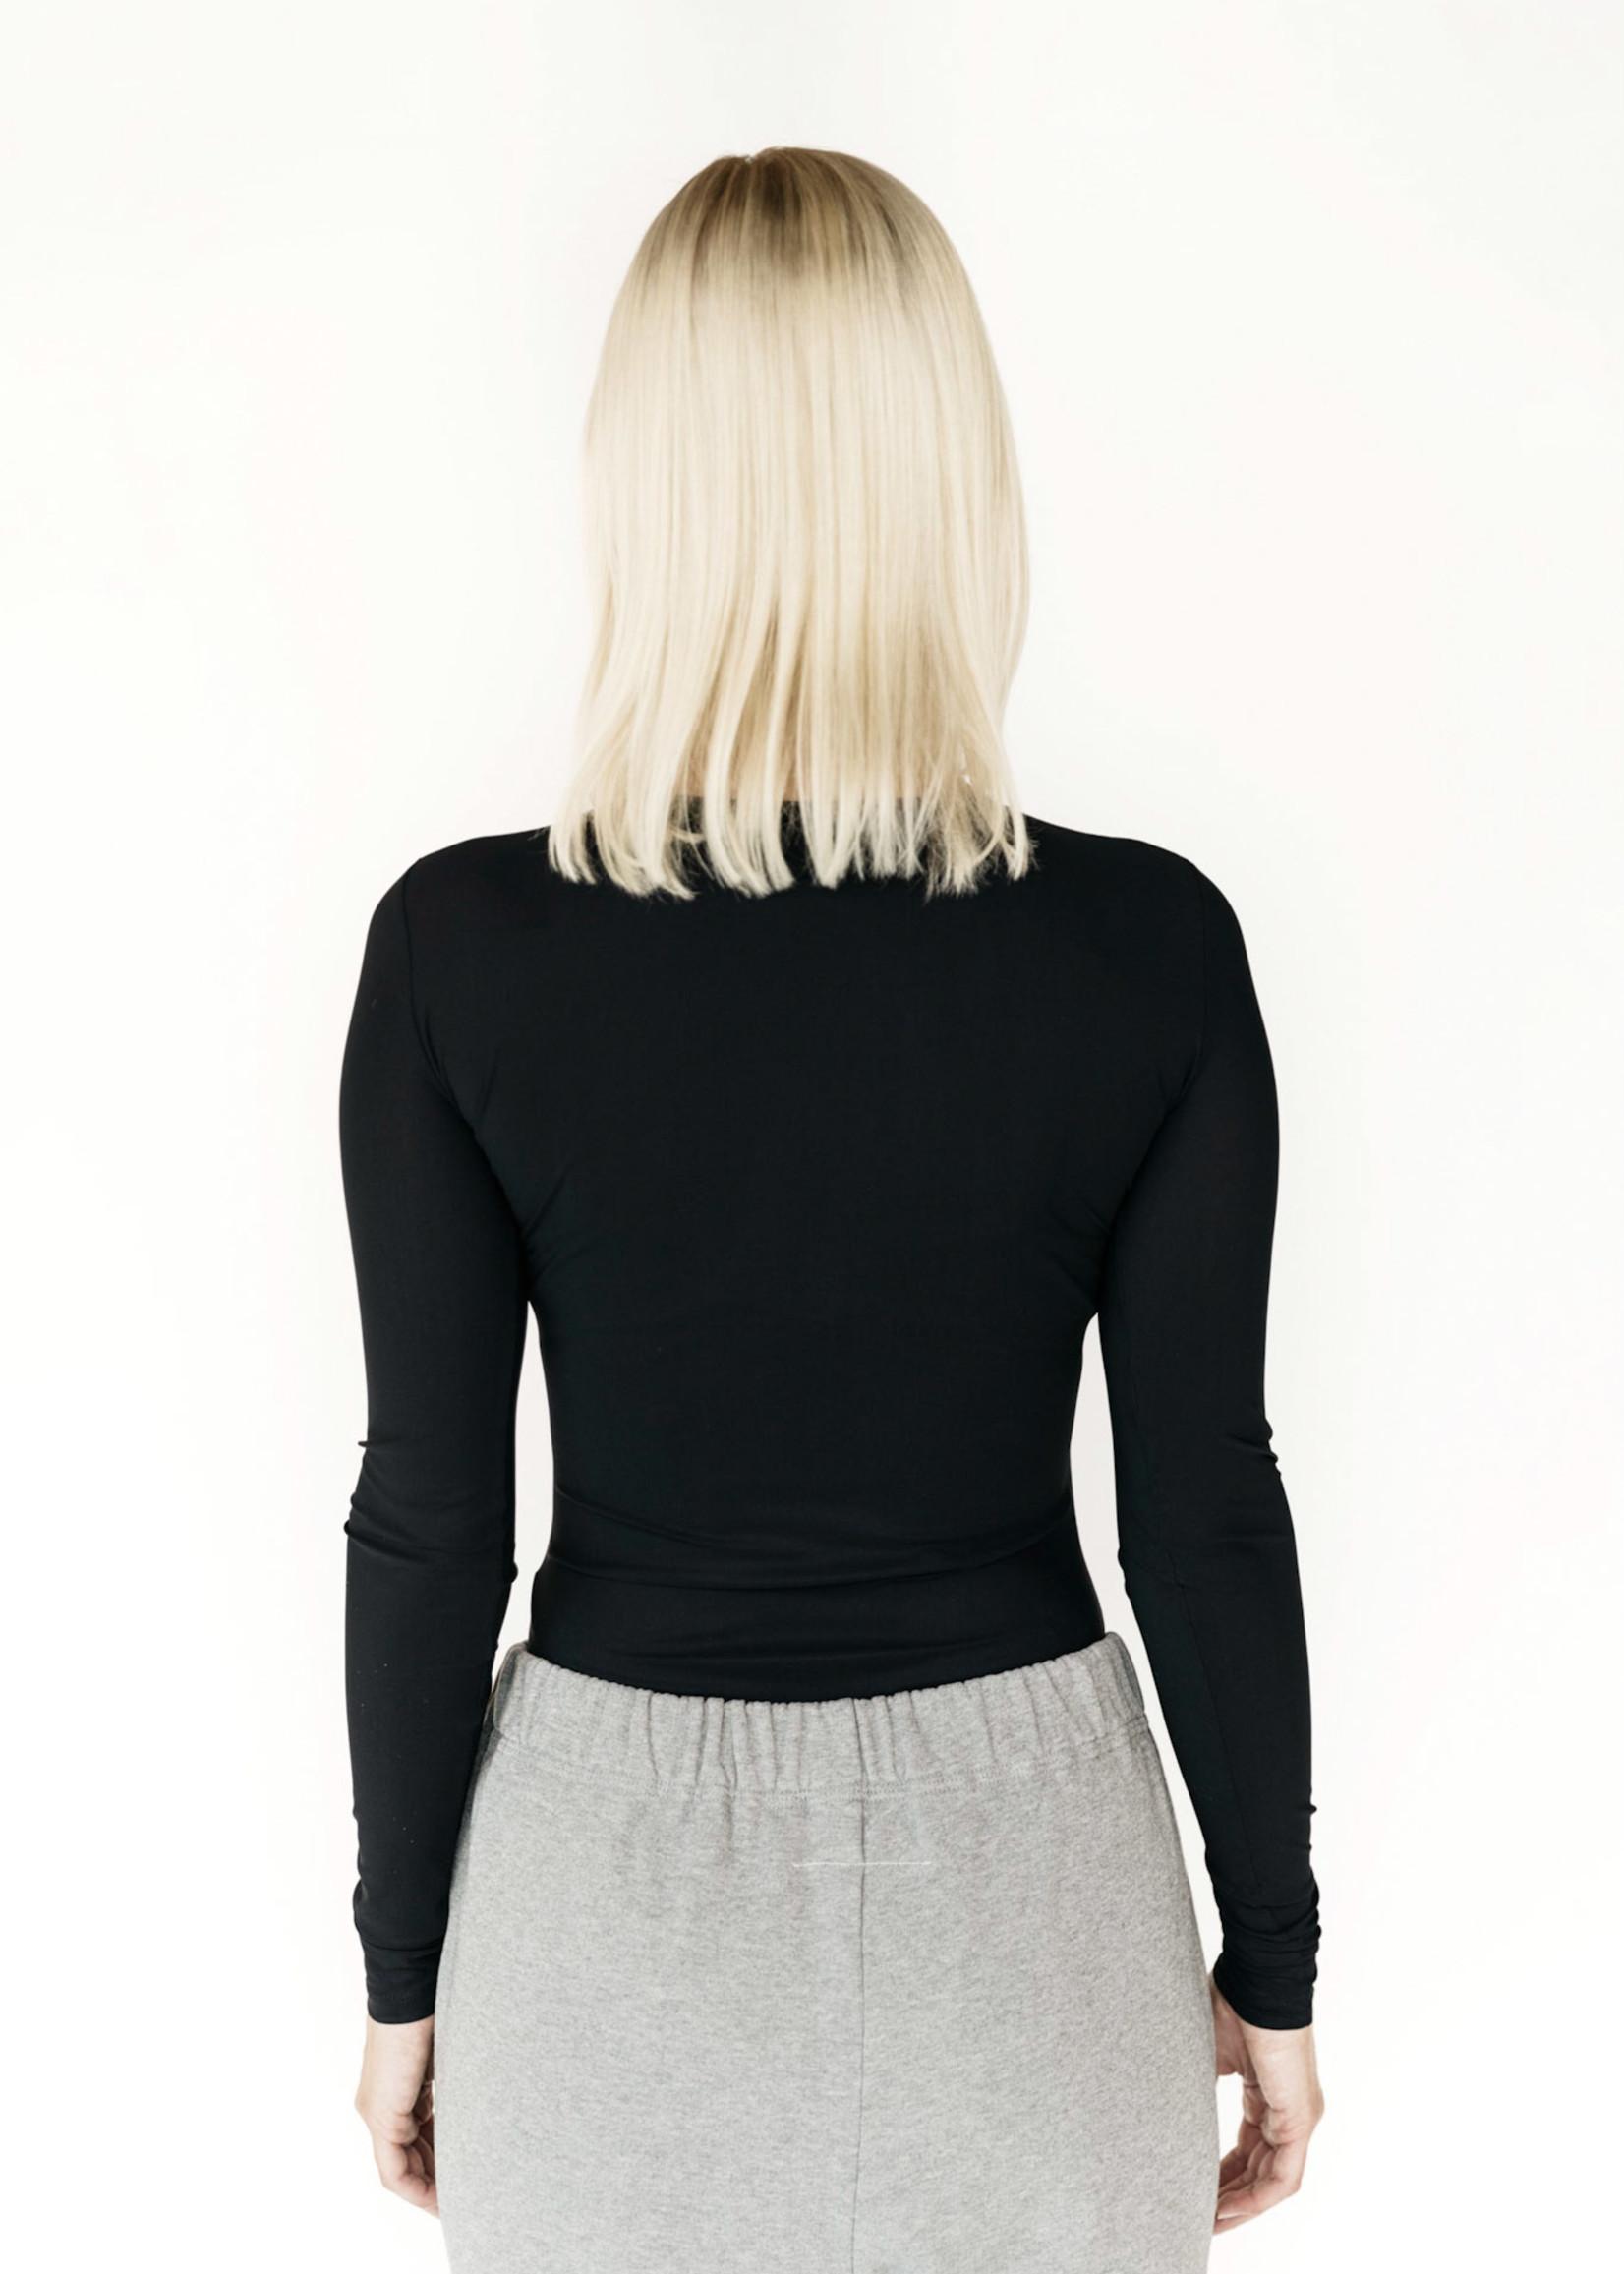 MM6 MAISON MARGIELA Logo Long Sleeved Bodysuit in Black